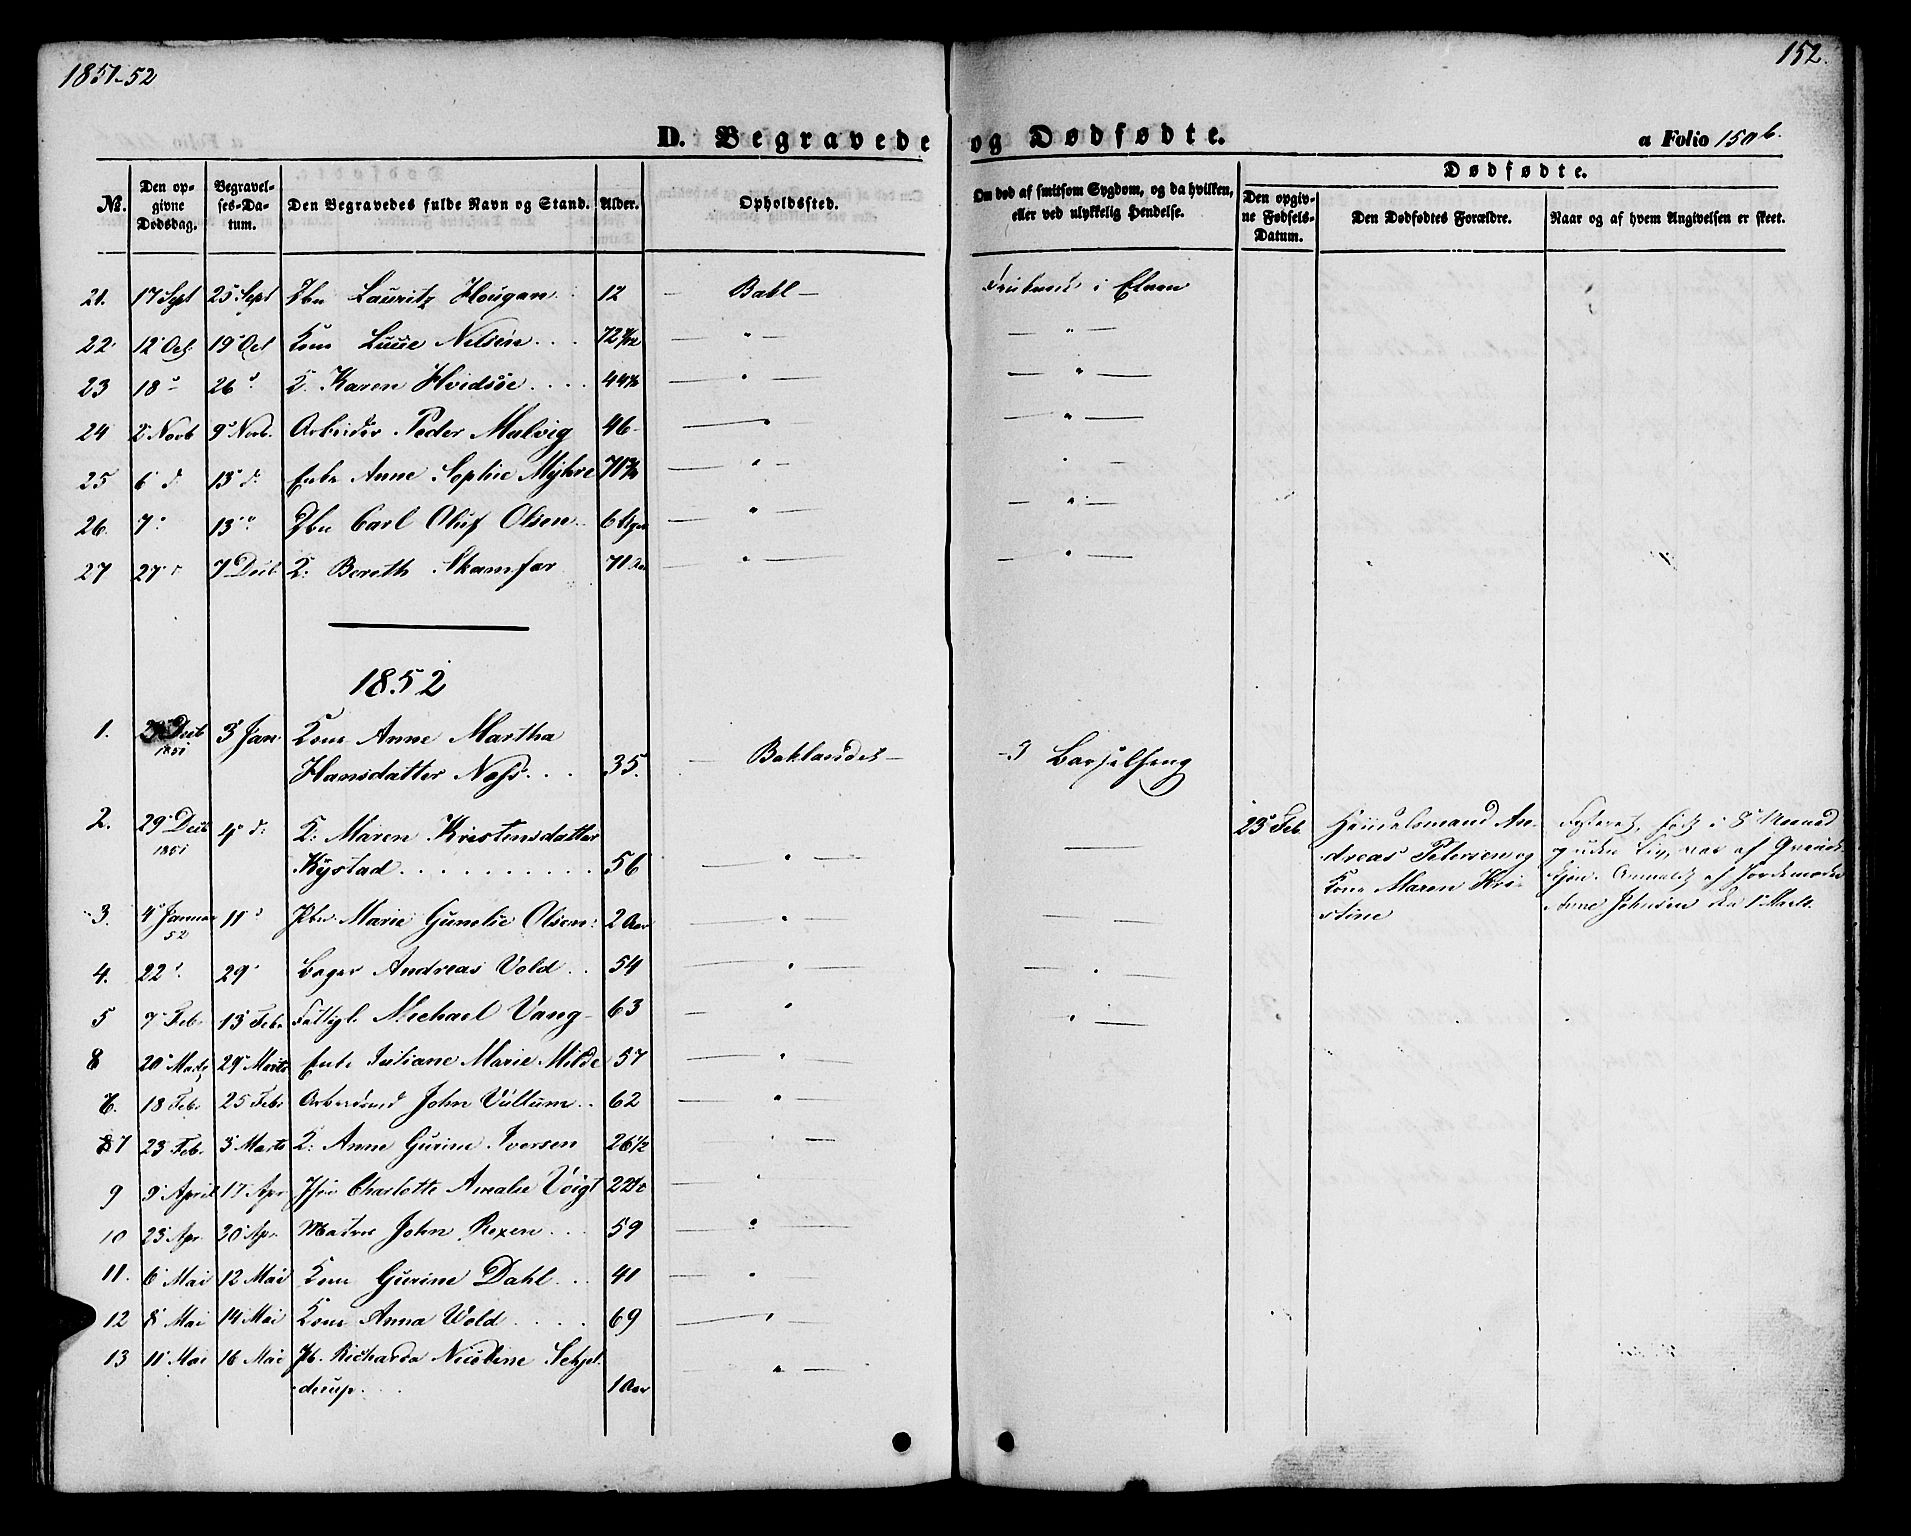 SAT, Ministerialprotokoller, klokkerbøker og fødselsregistre - Sør-Trøndelag, 604/L0184: Ministerialbok nr. 604A05, 1851-1860, s. 152